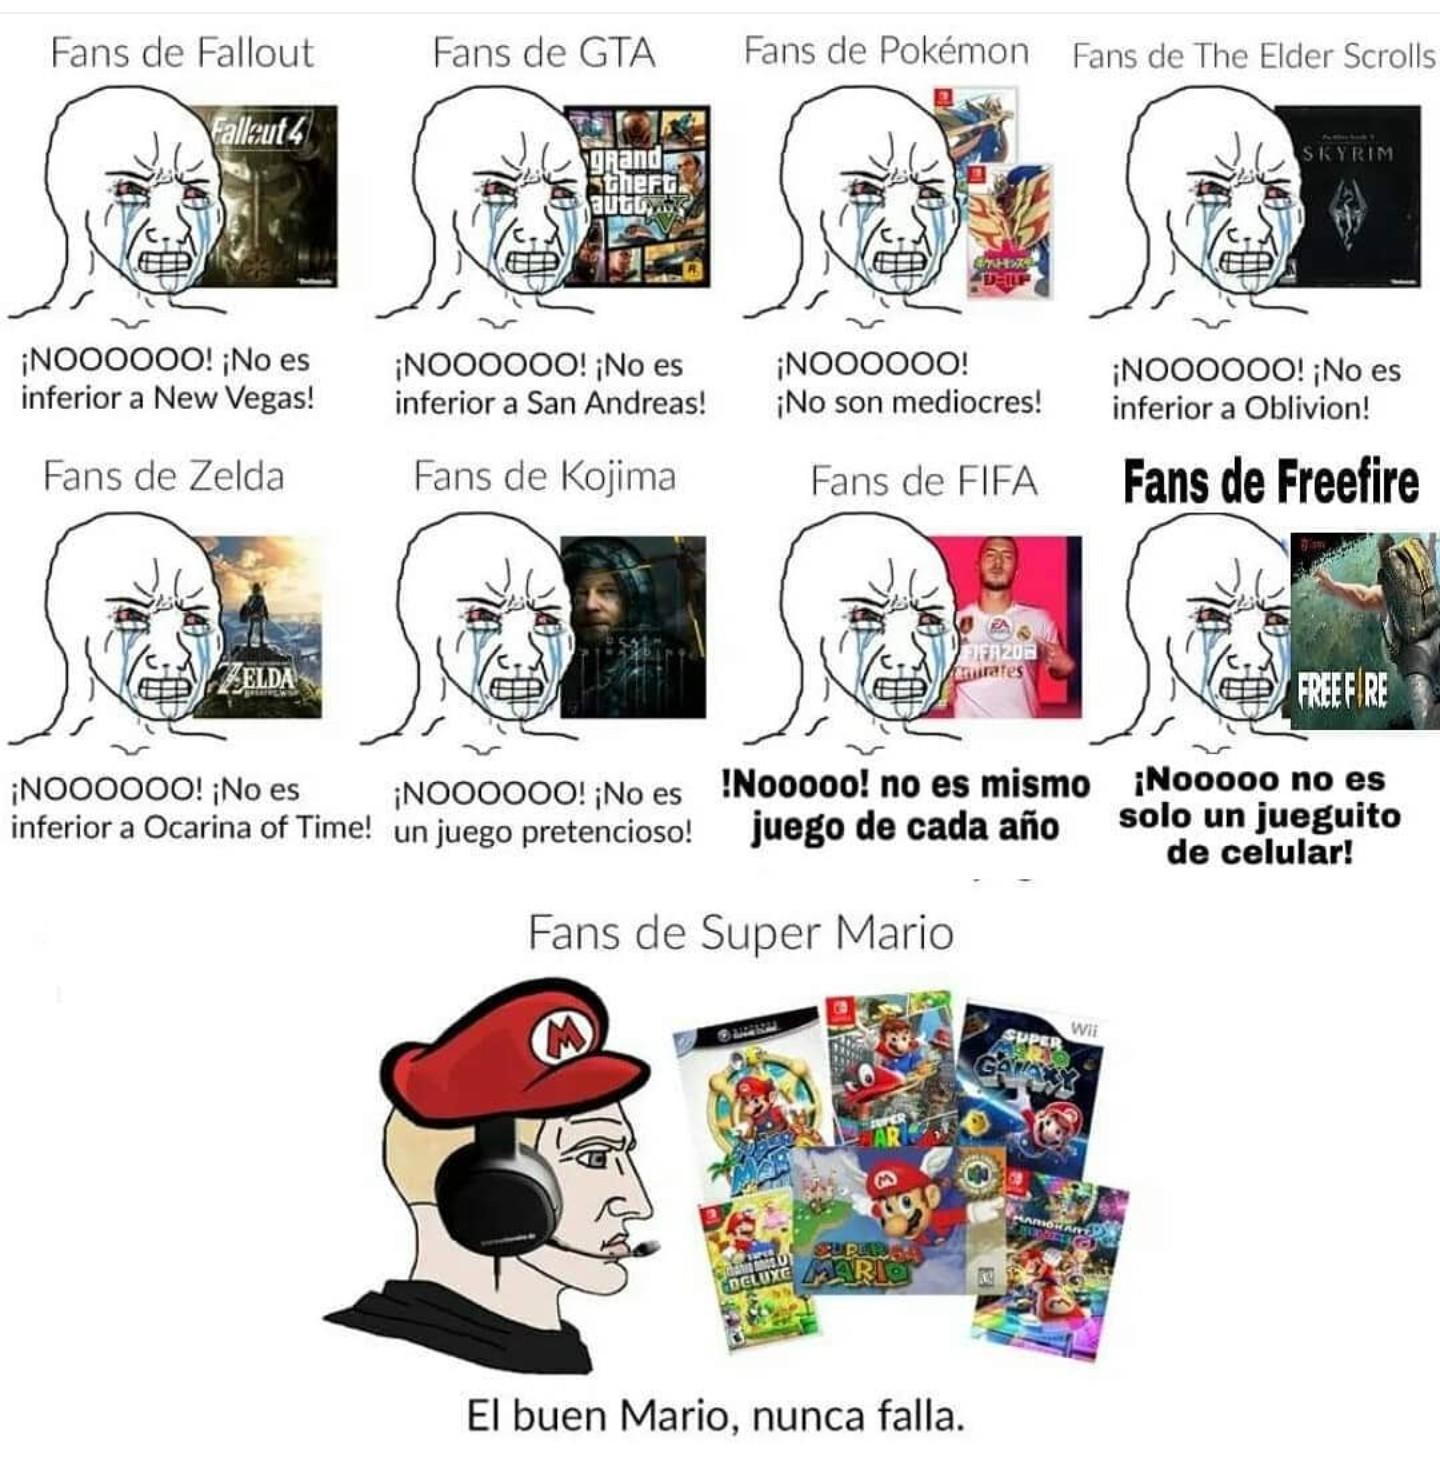 El buen Mario nunca falla - meme